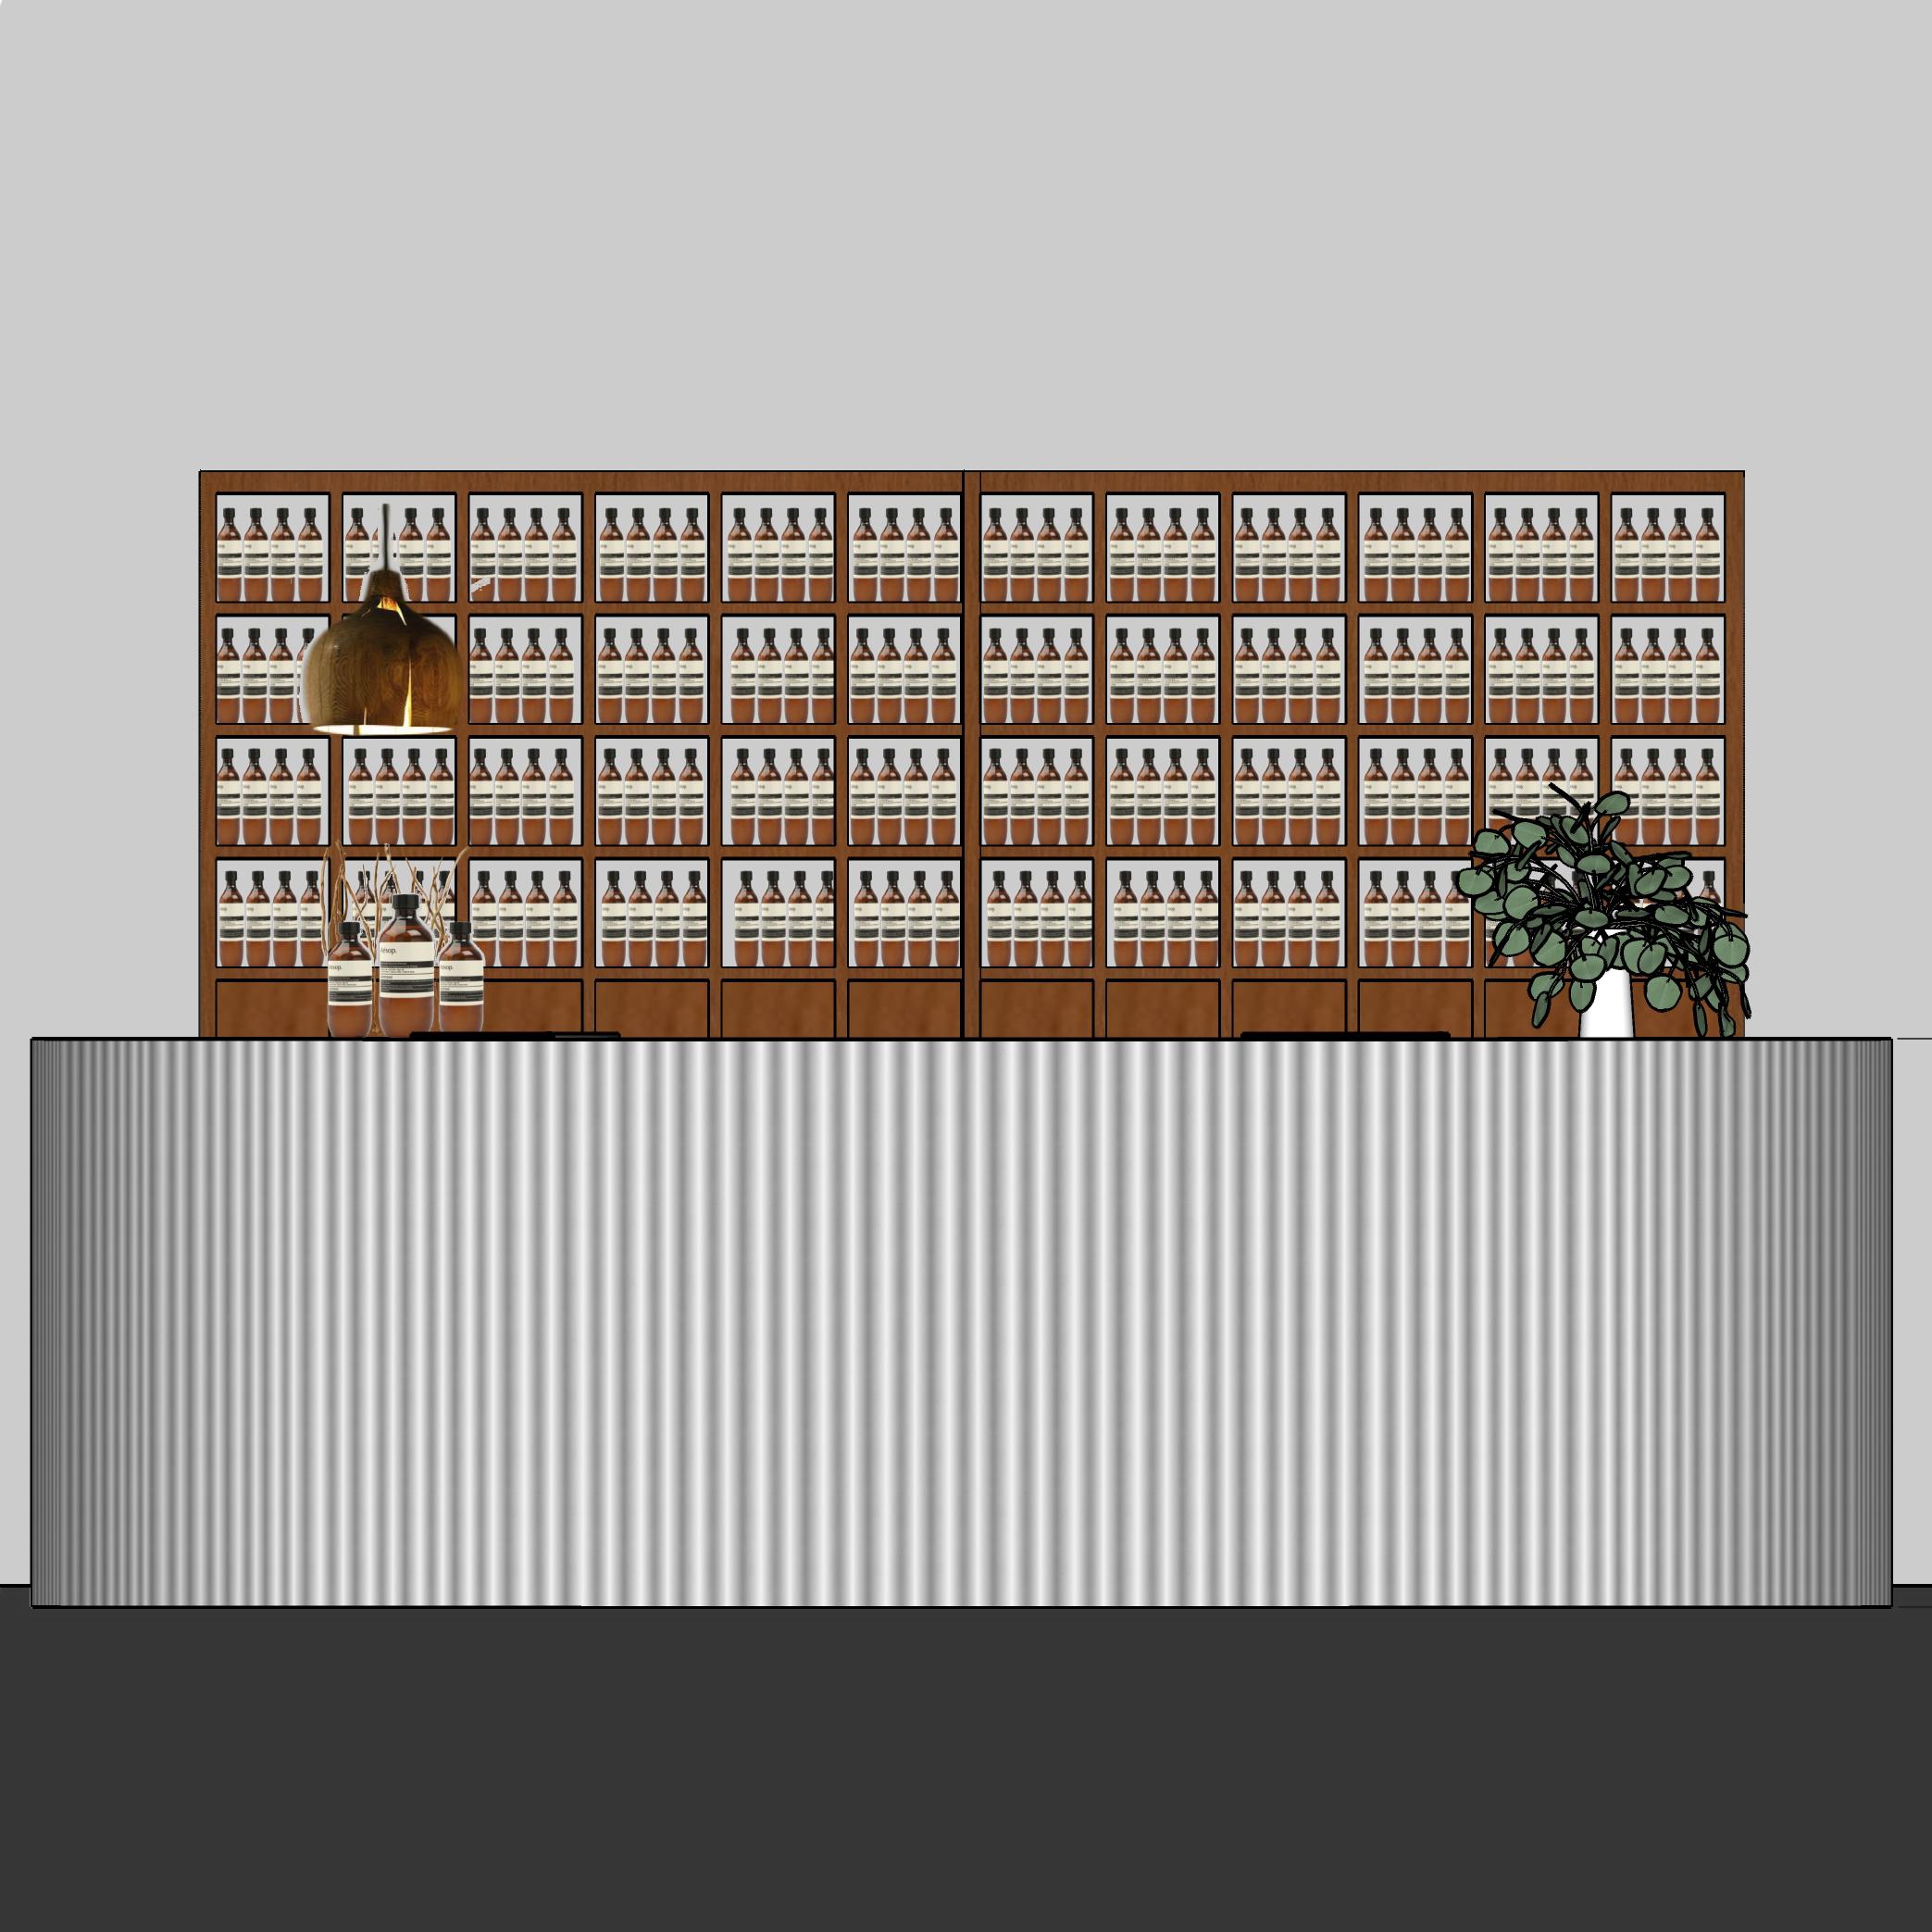 Aesop concept design